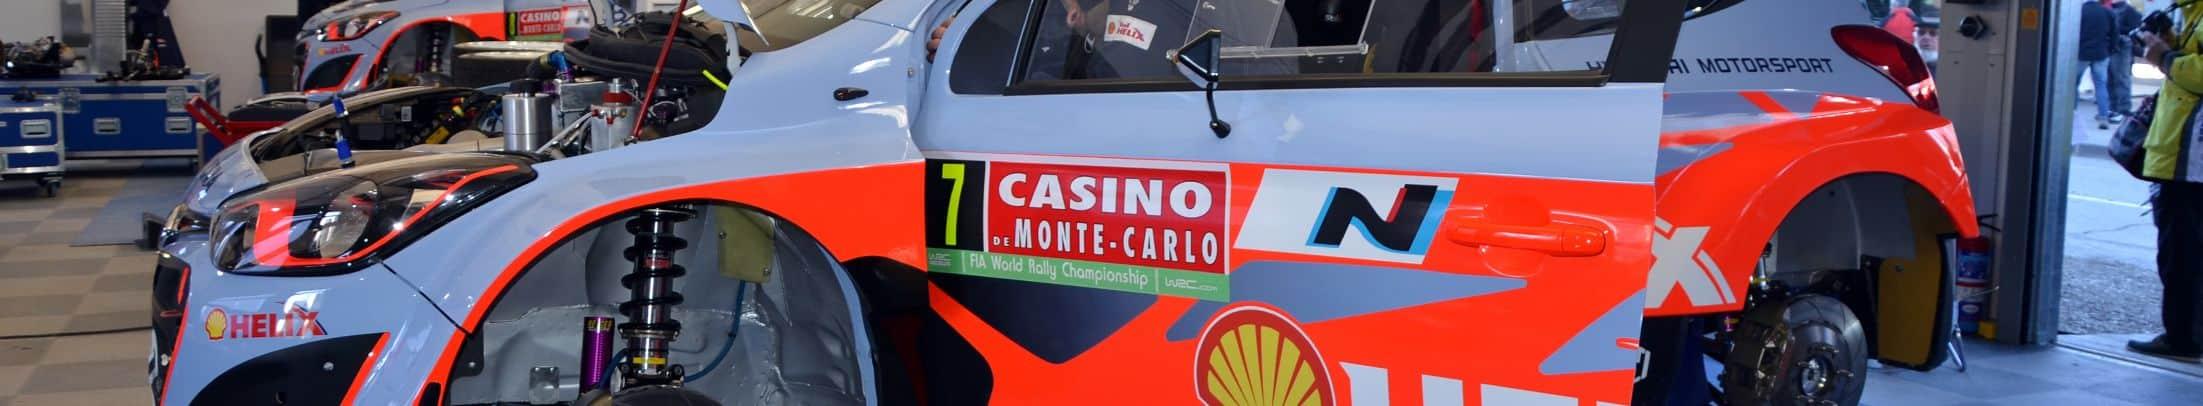 Voiture de course  : hyundai i20 WRC de rallye à l'assistance